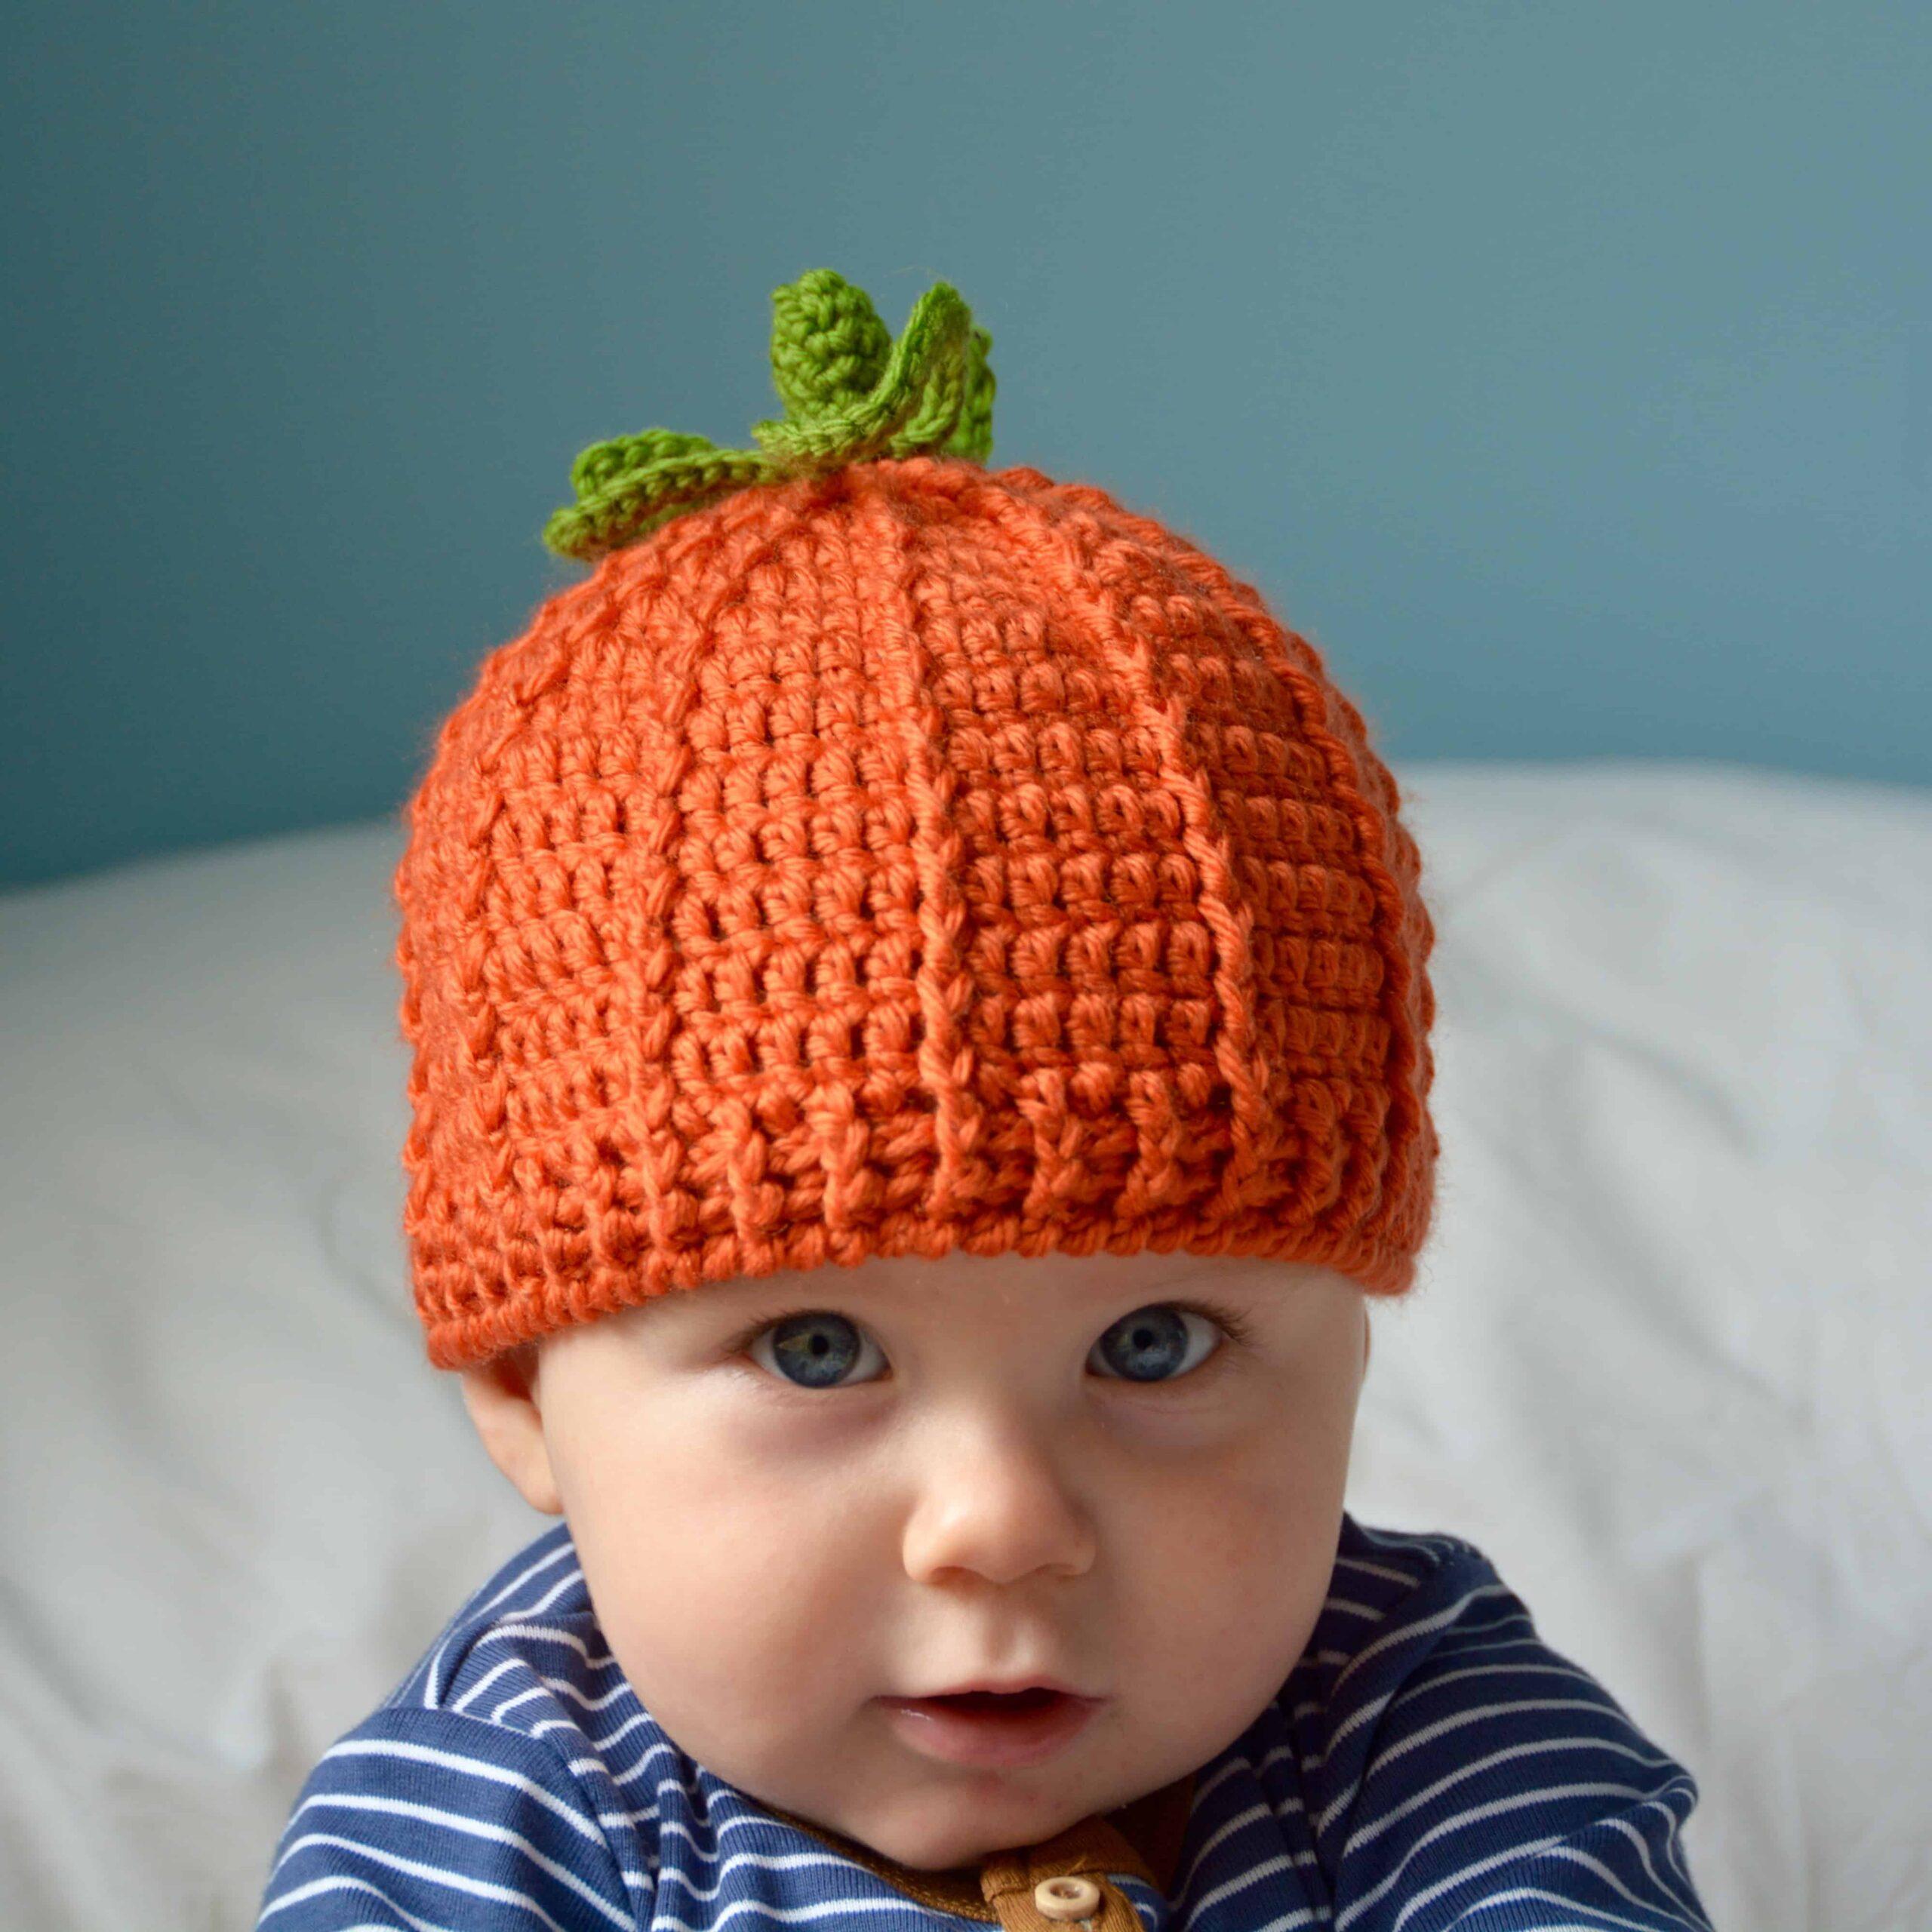 Pumpkin beanie hat free crochet pattern by HanJan Crochet